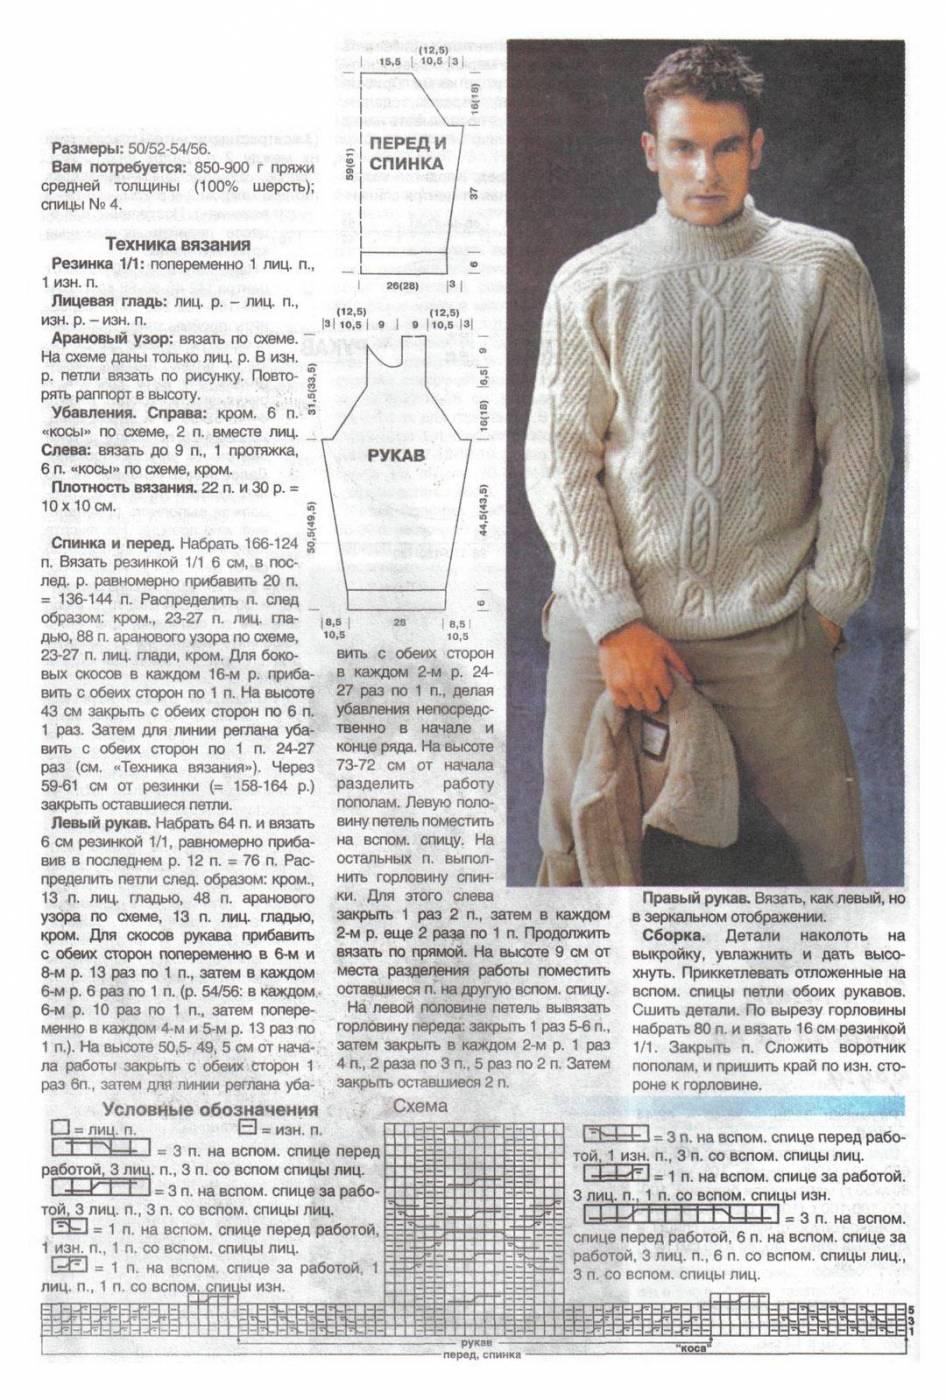 Temporaryyvyzone Вязание для мужчин с описанием пуловеры